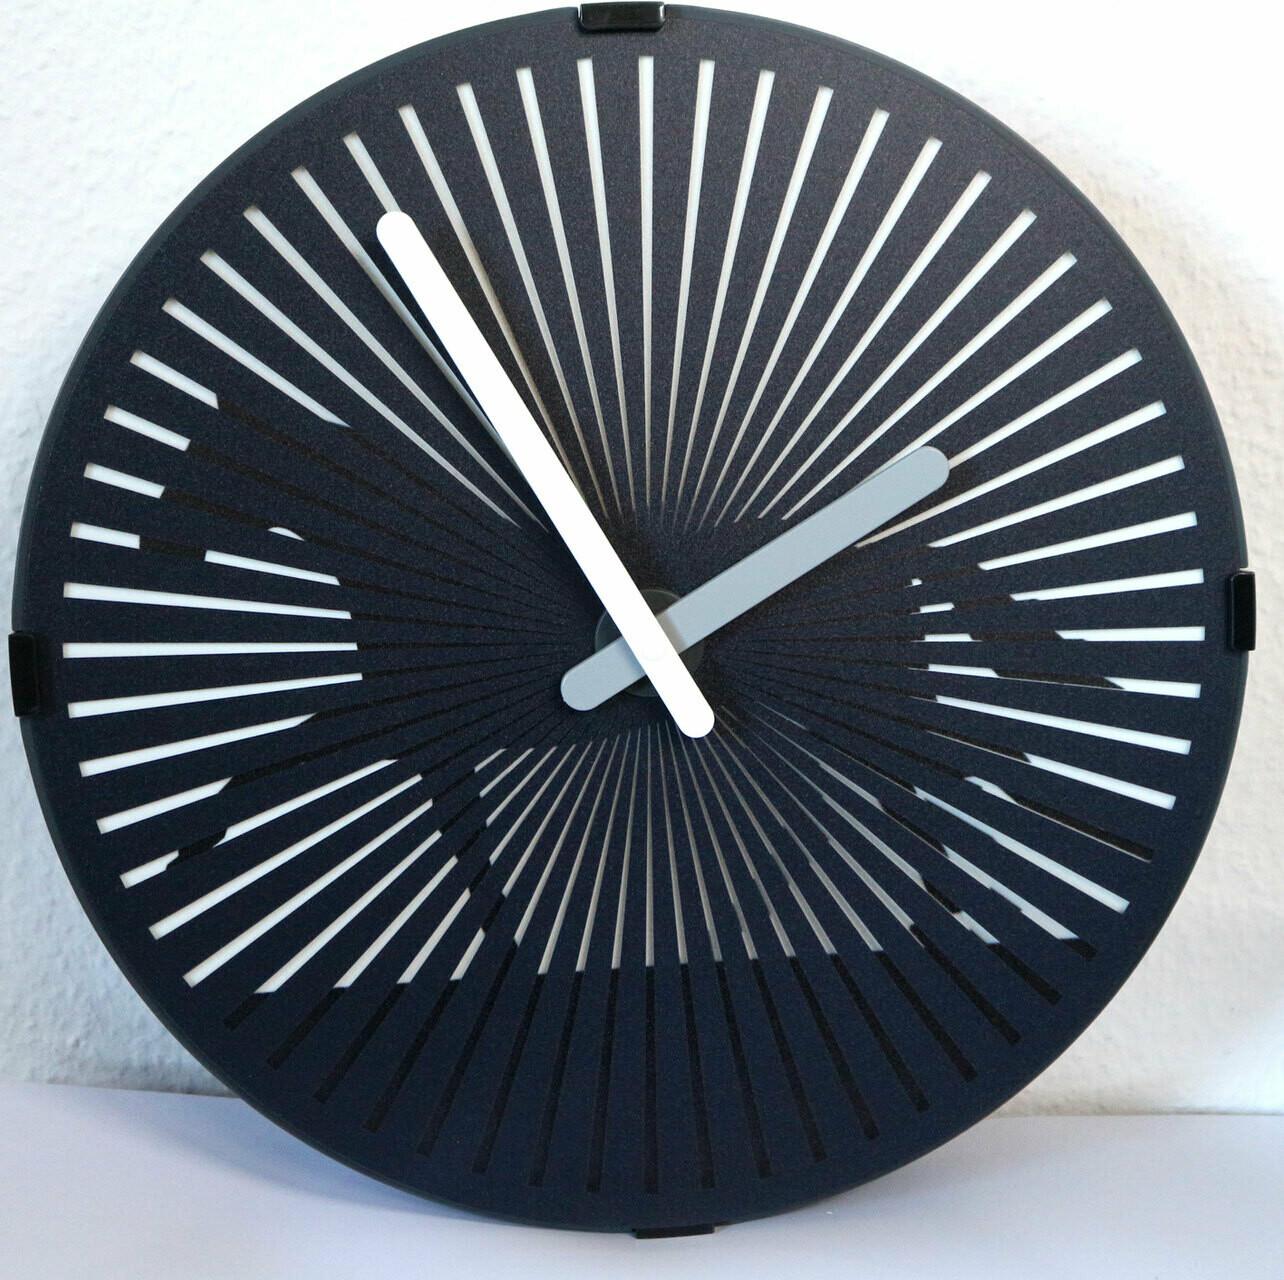 Quarz-Uhr Pferd - rotierende Scheibe erzeugt optischen Trabeffekt